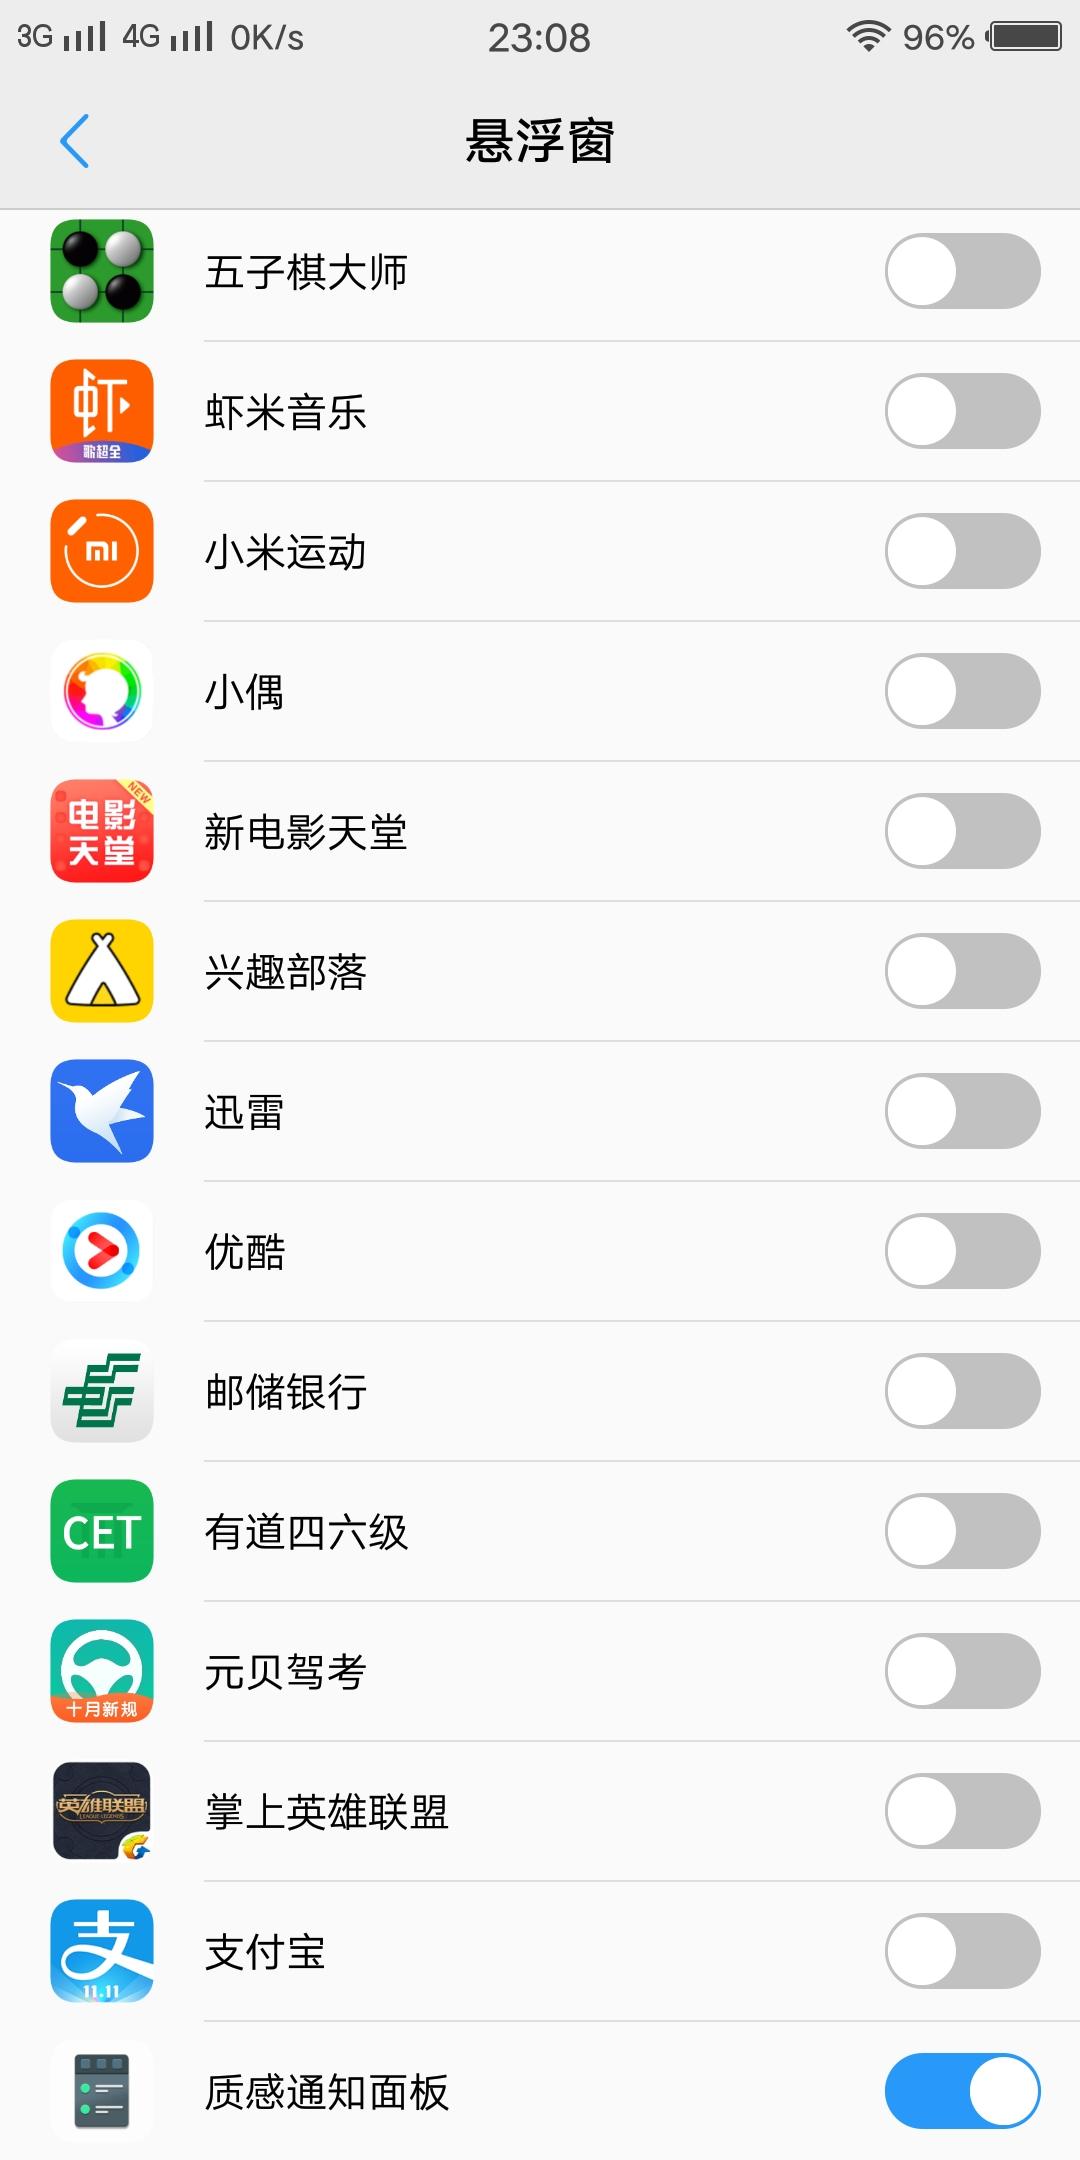 Screenshot_20171030_230834.jpg